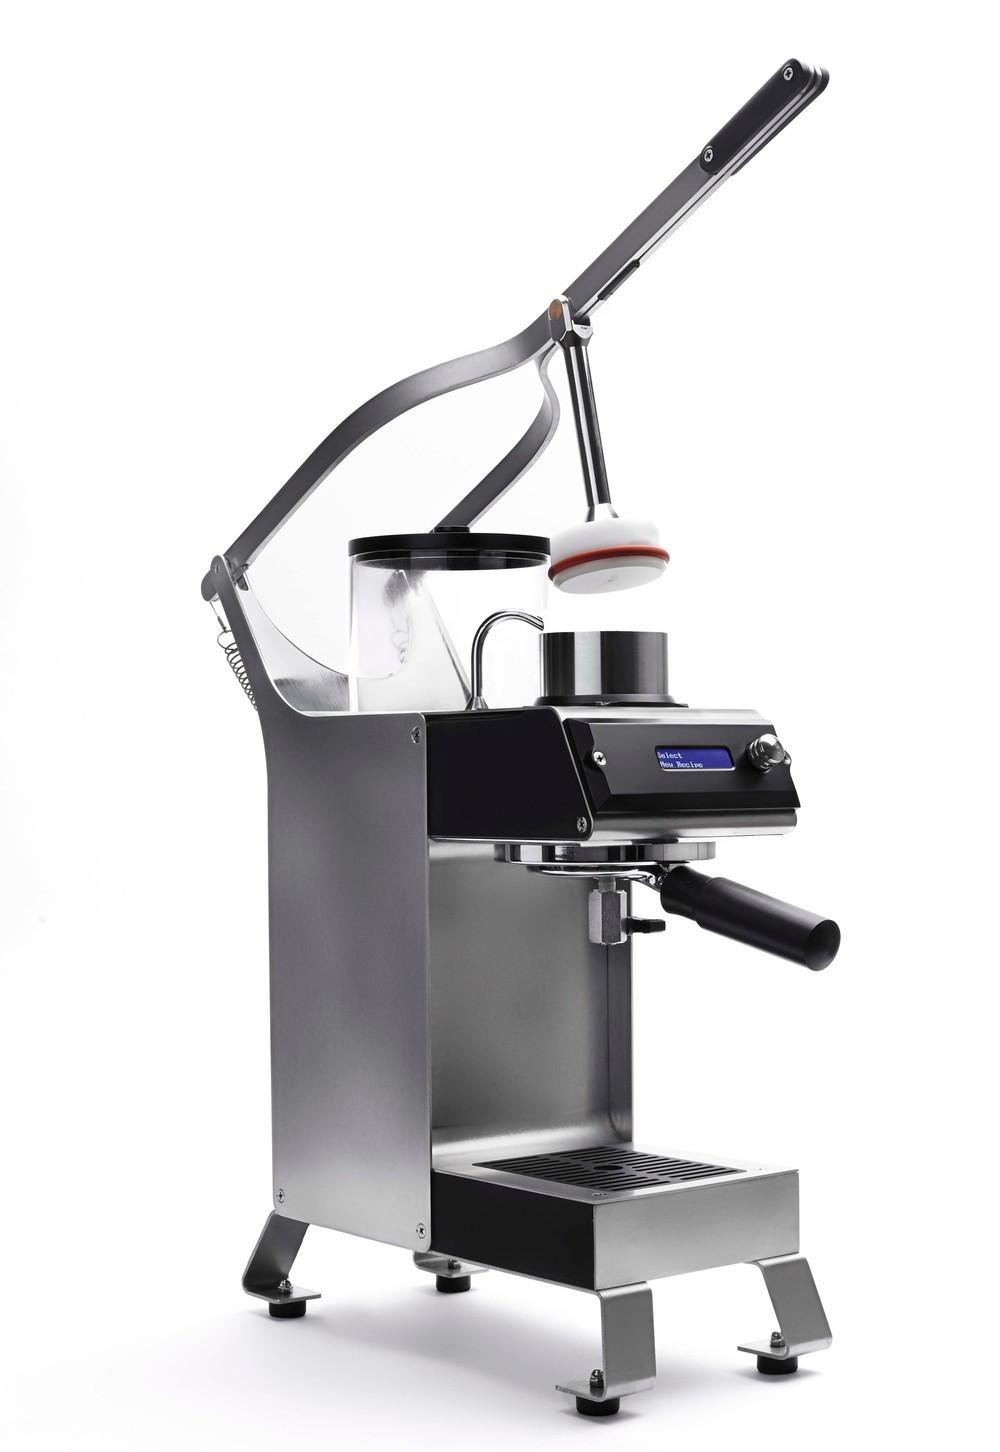 「温度」にこだわるドリップコーヒーマシン エンジニアが作った「BLOSSOM ONE BREWER」12月15日発売